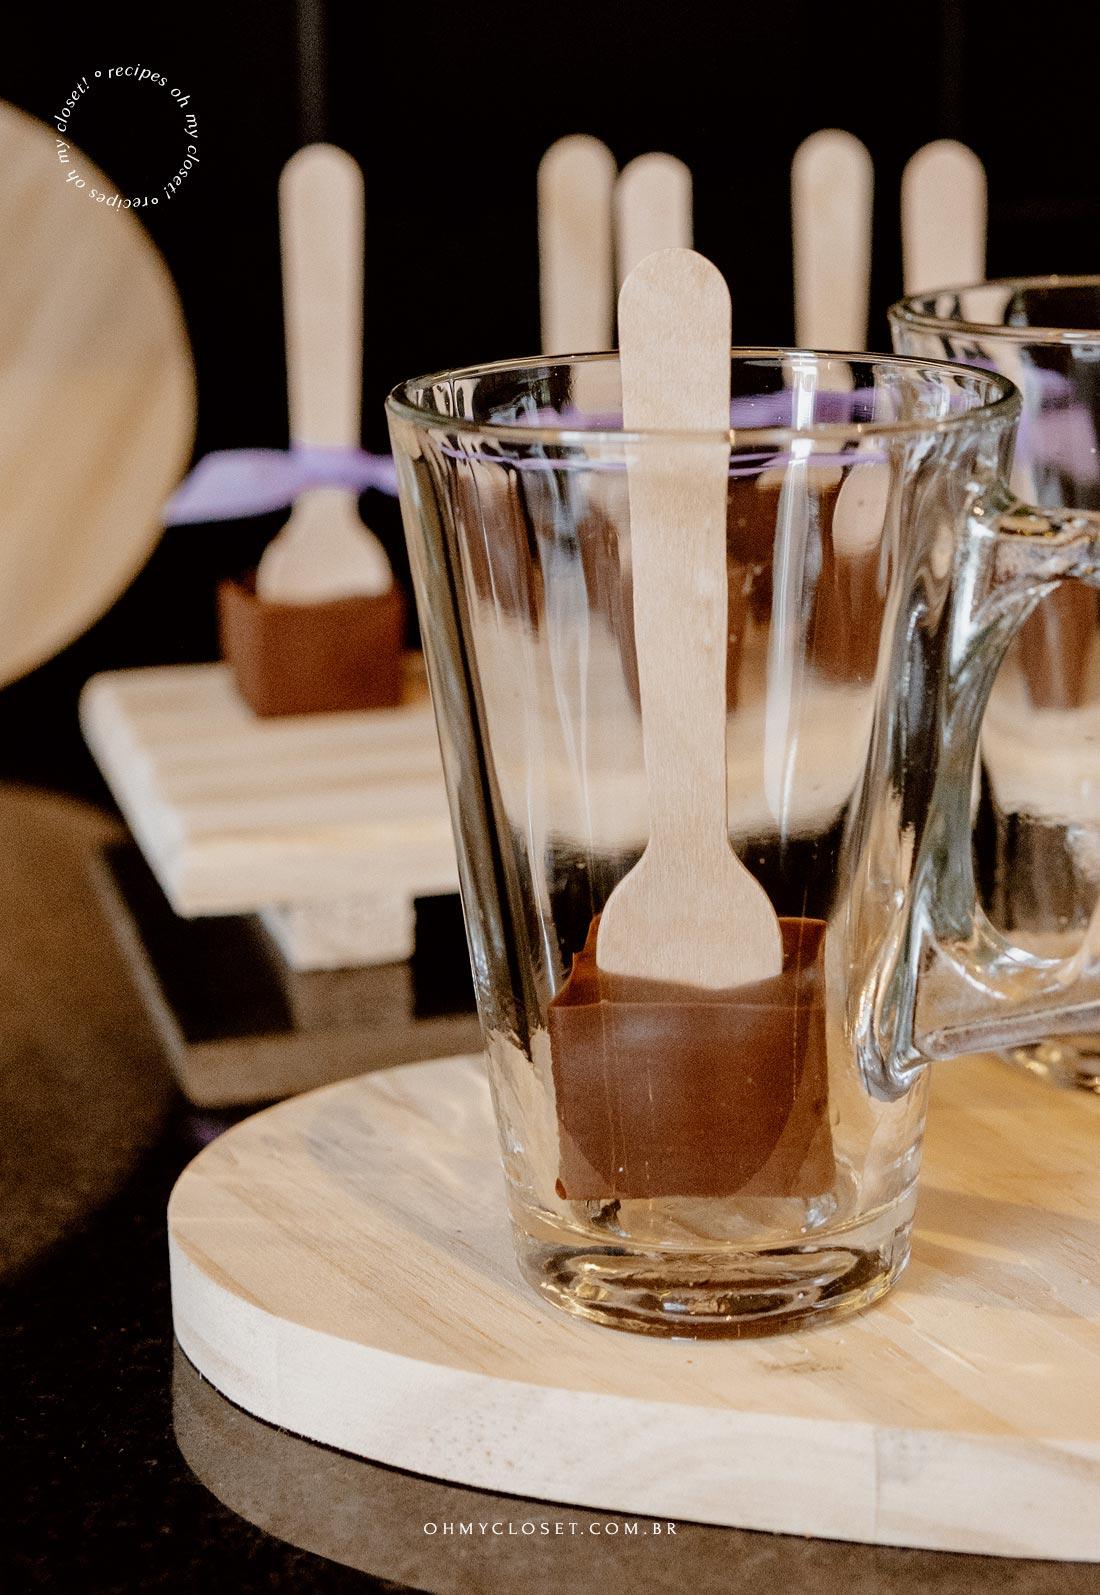 Chocolate no palito, dentro de uma xícara.